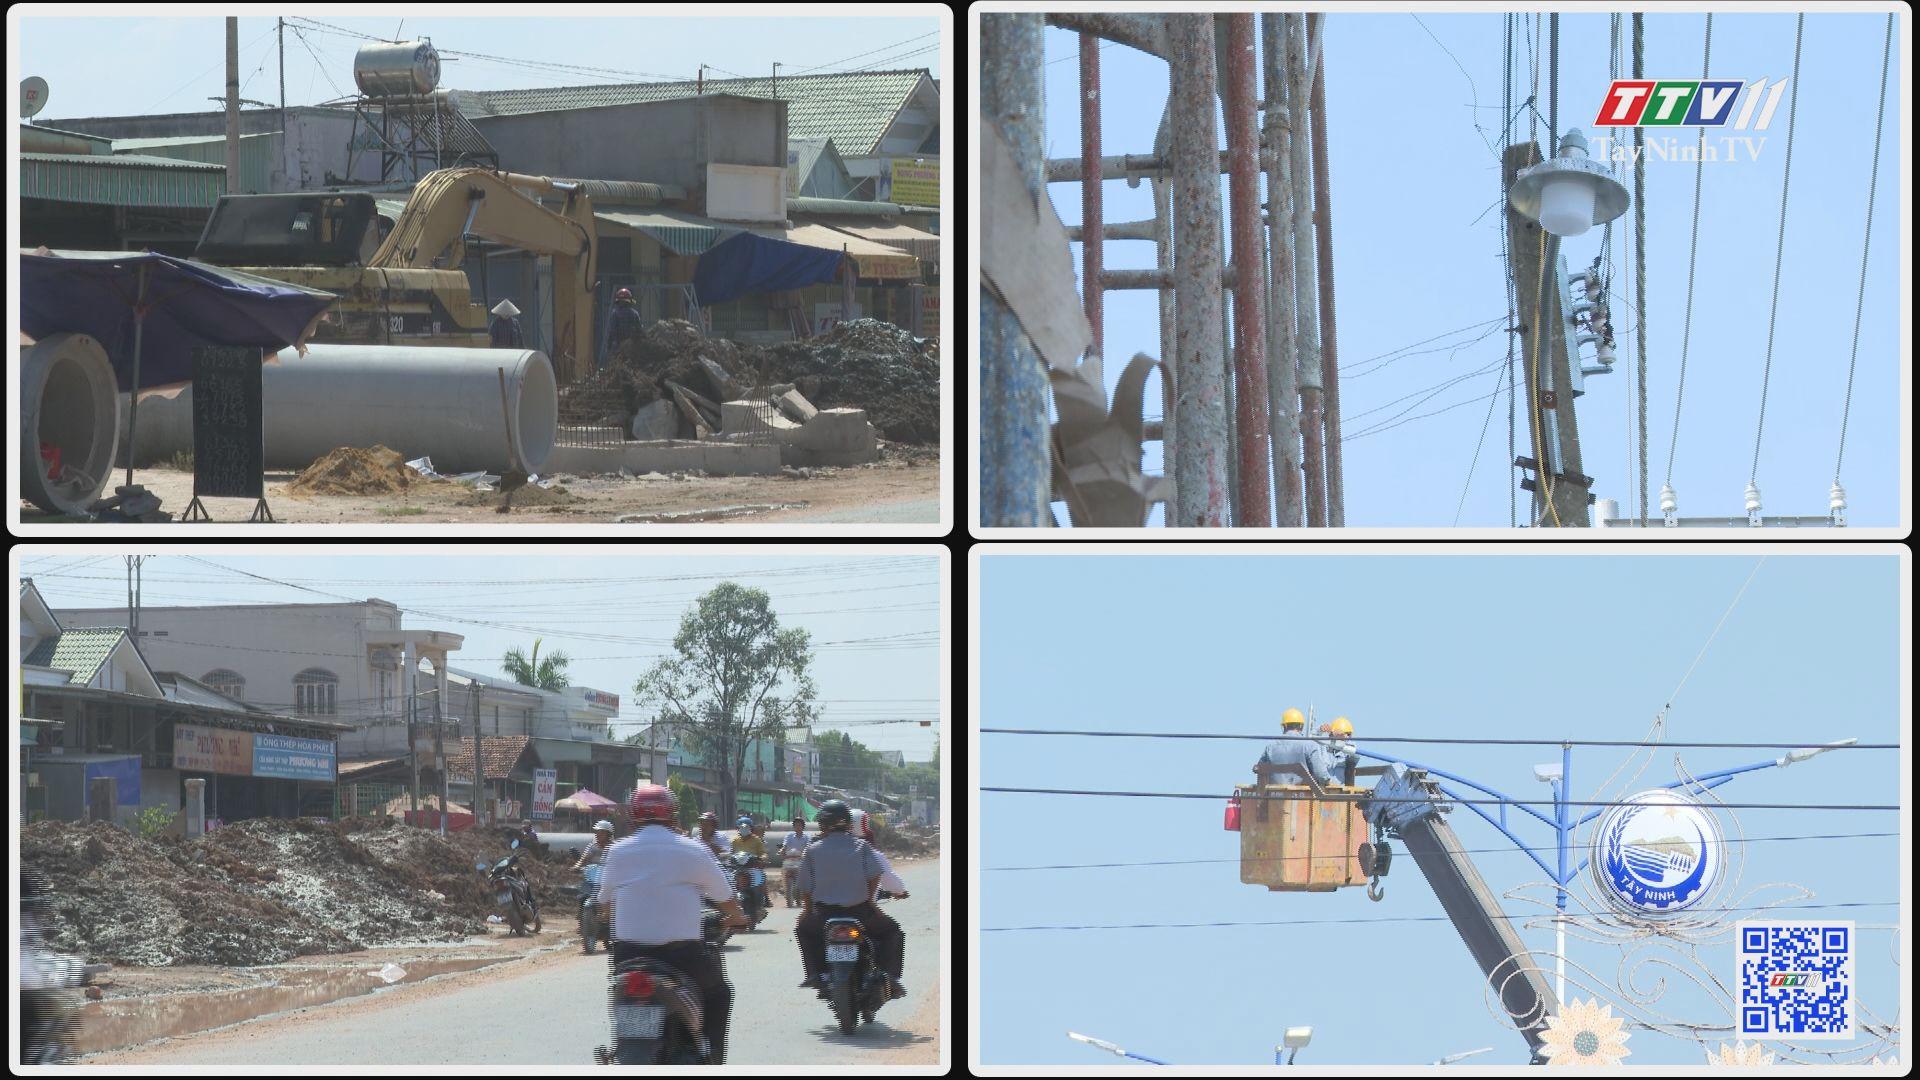 An toàn điện trong công trình xây dựng trong dân | ĐIỆN VÀ CUỘC SỐNG | TayNinhTV